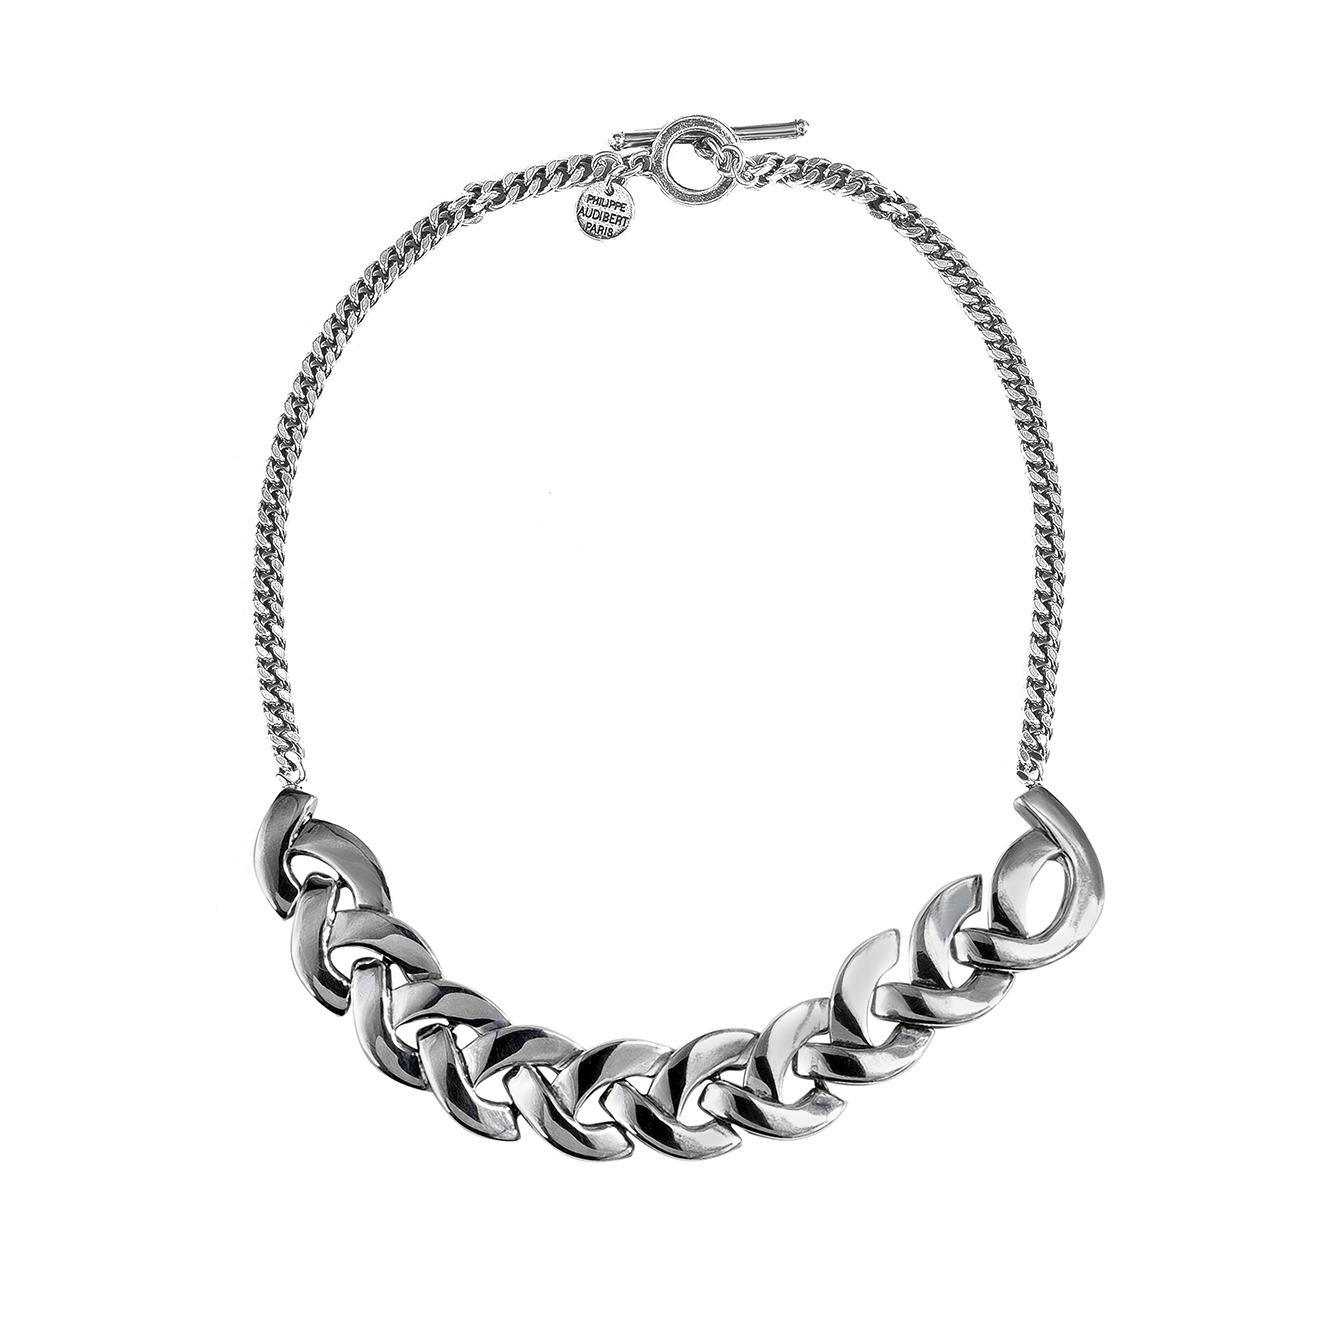 Philippe Audibert Покрытое серебром колье-цепь Colby